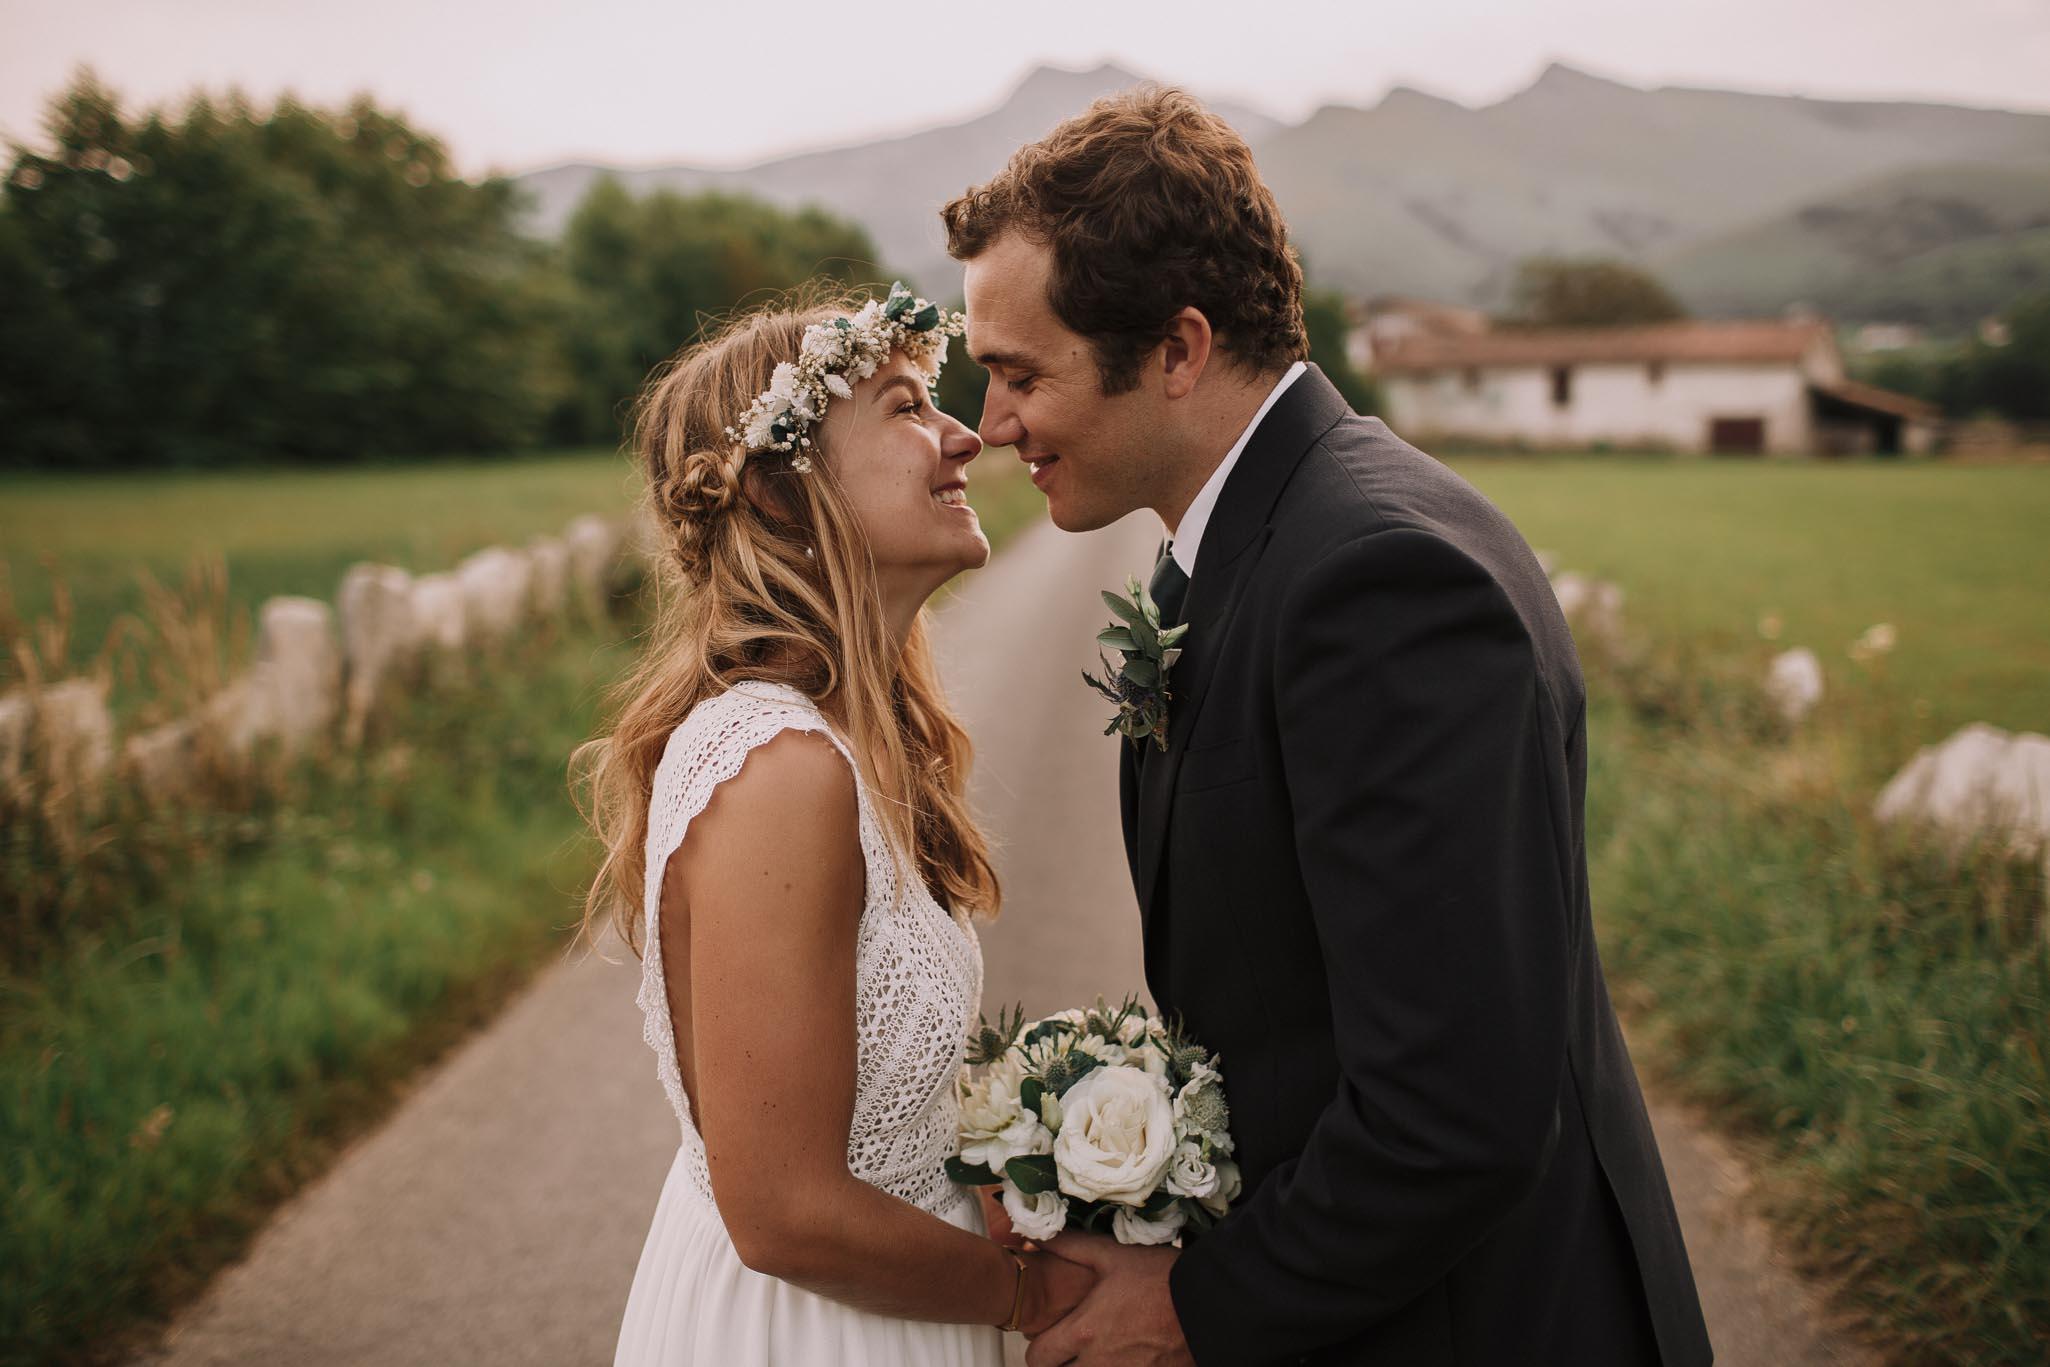 Photographe-mariage-bordeaux-jeremy-boyer-pays-basque-ihartze-artea-sare-robe-eleonore-pauc-couple-amour-120.jpg